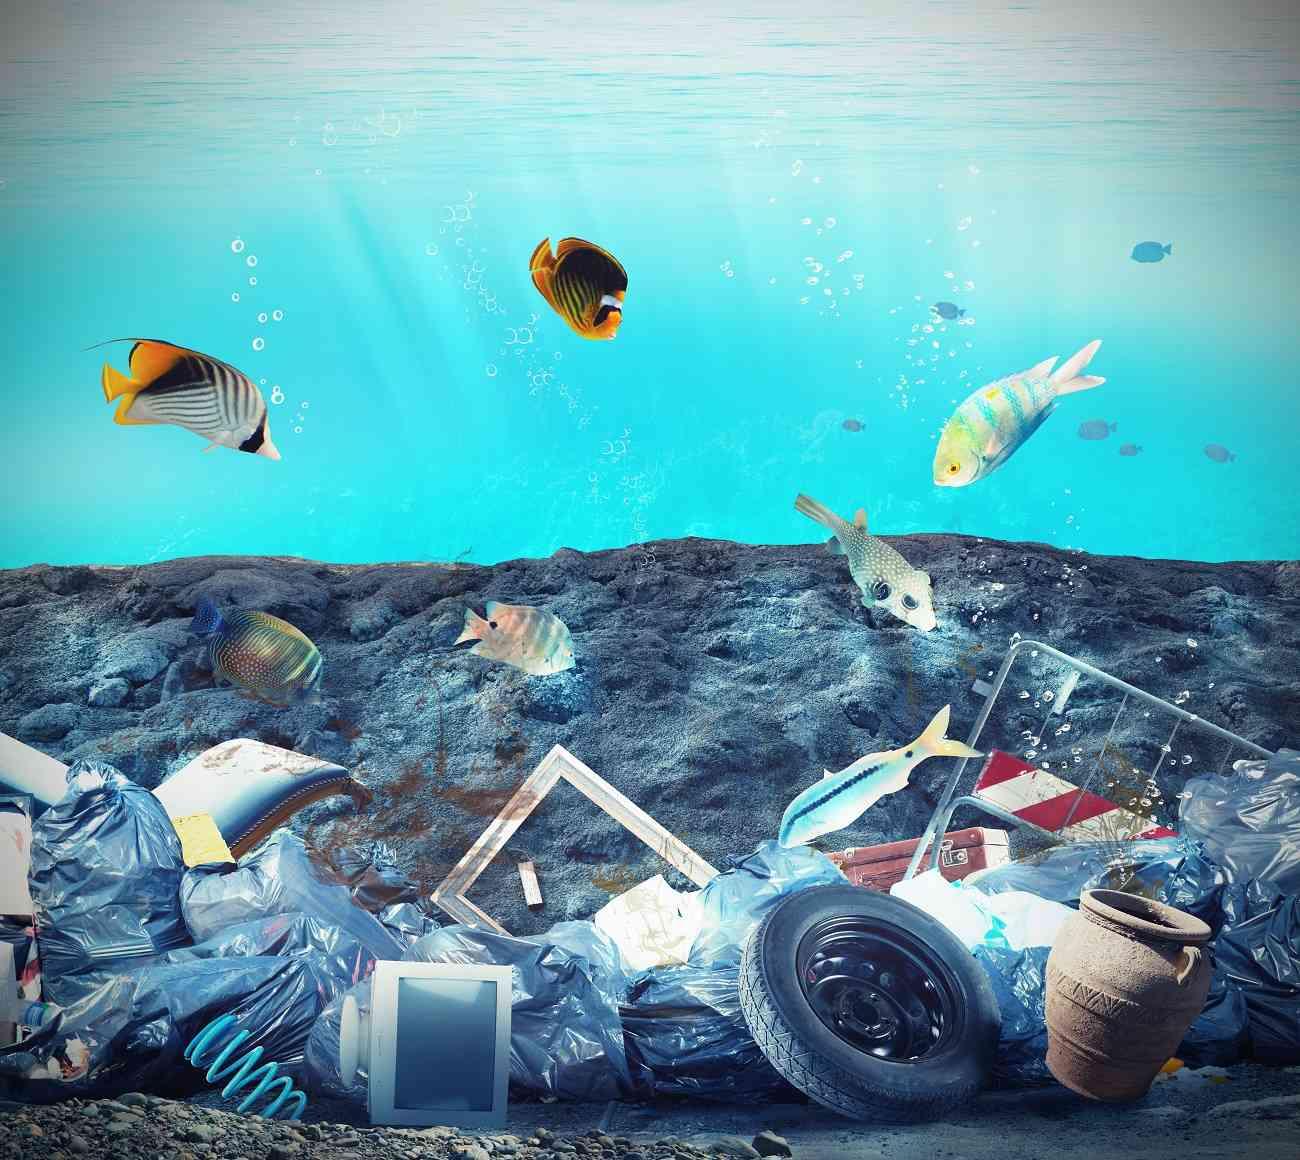 Estudiantes españoles crean una aplicación móvil para concienciar a los niños sobre el cuidado de los mares